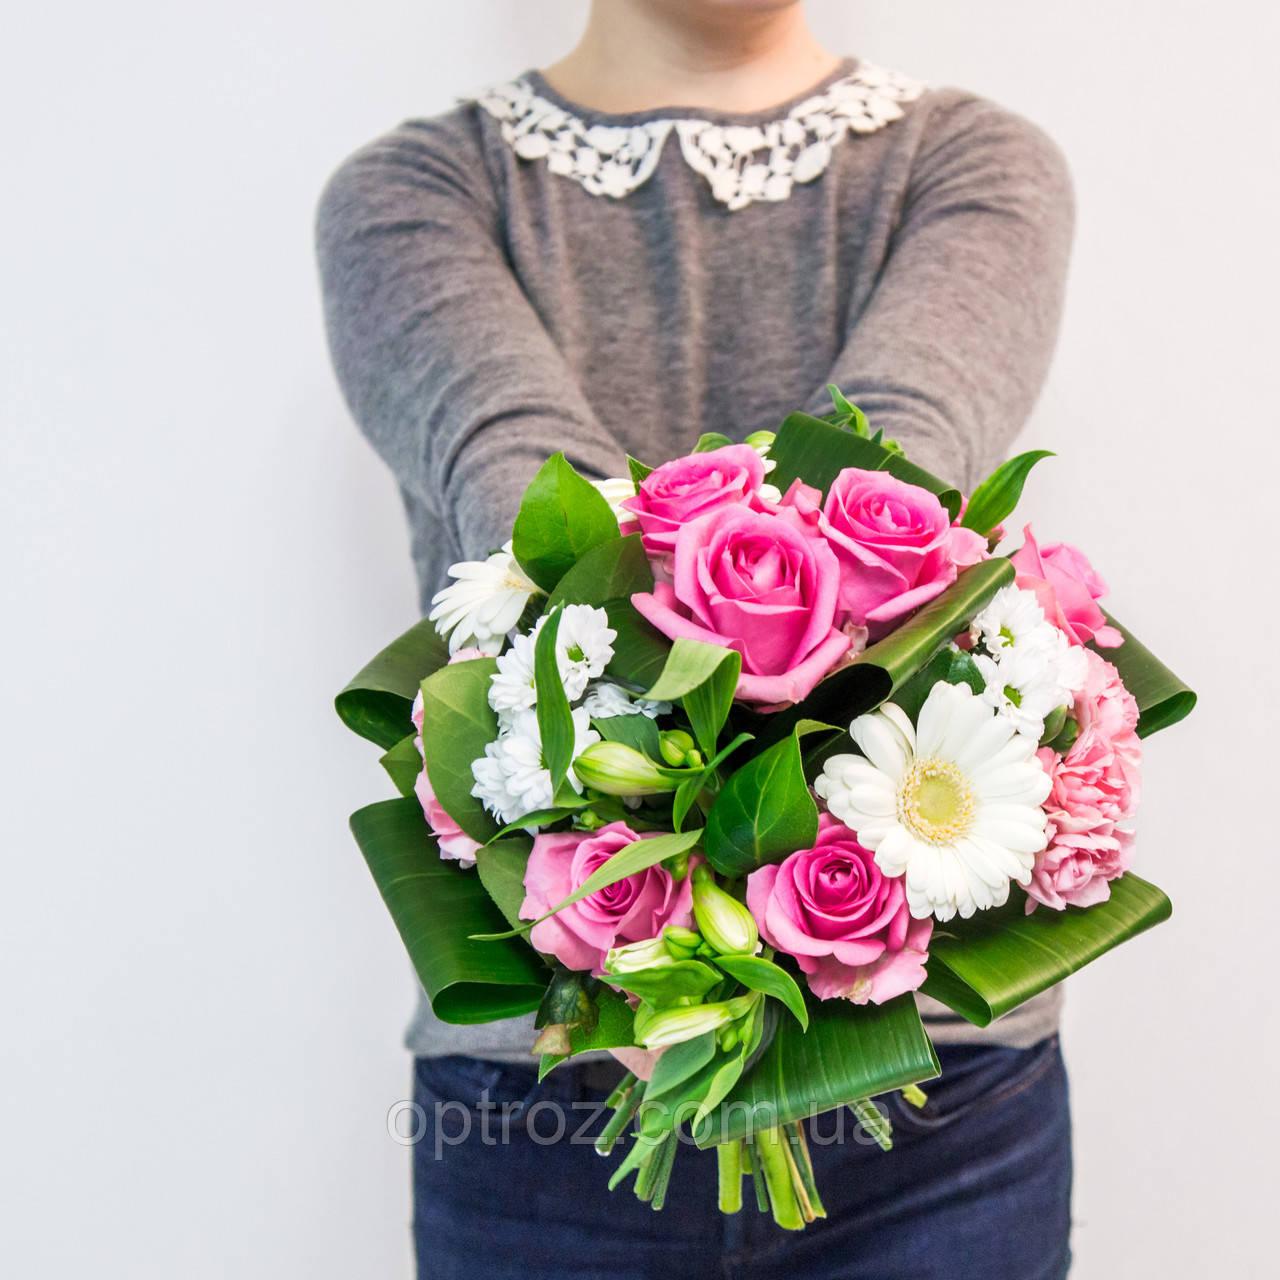 Доставка цветов по оптовым ценам красивые цветы на 8 марта своими руками